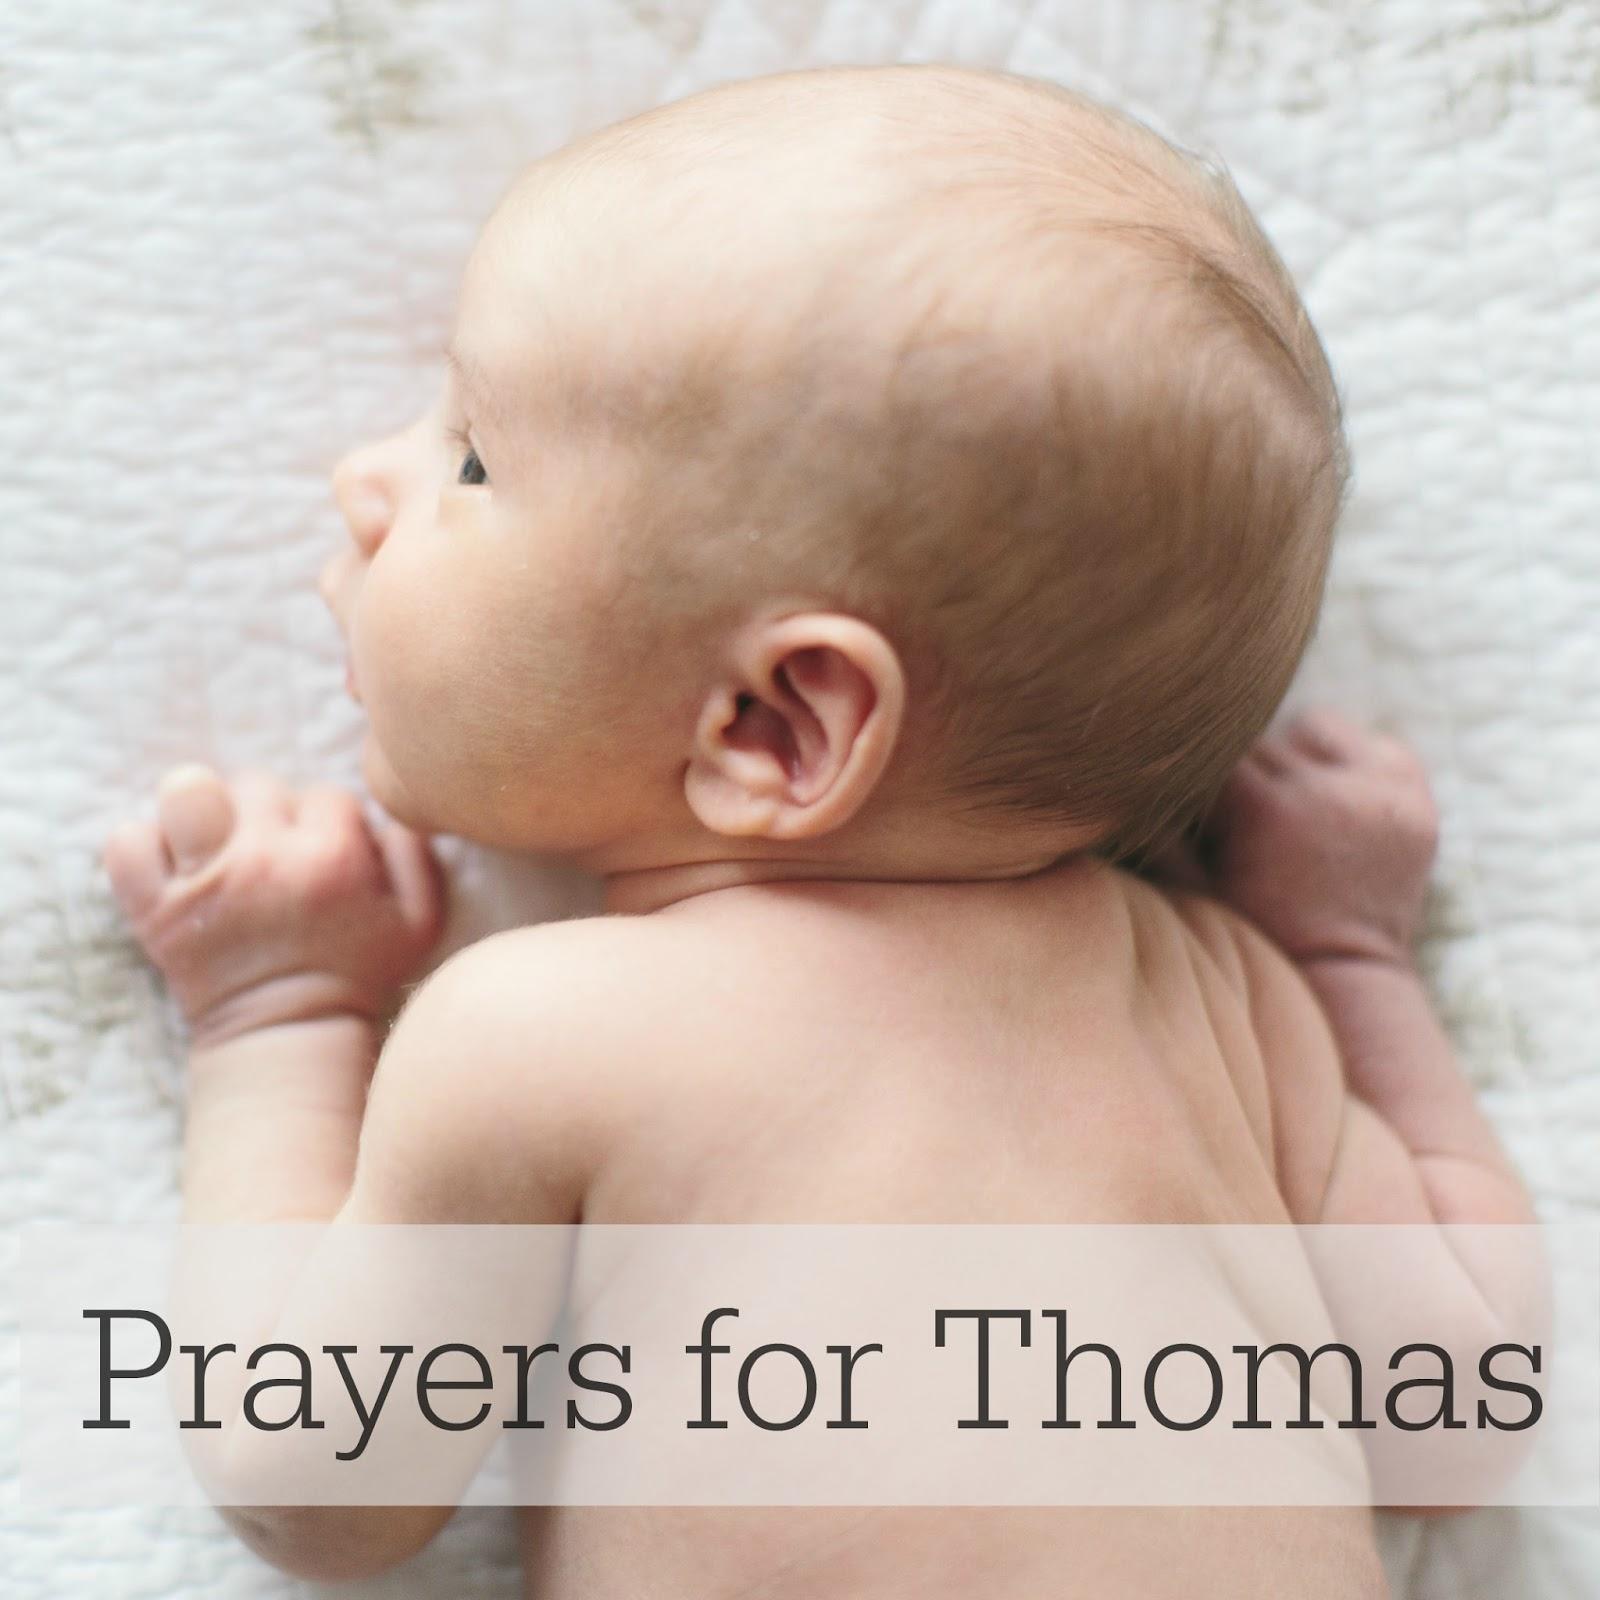 PRAYERS FOR THOMAS